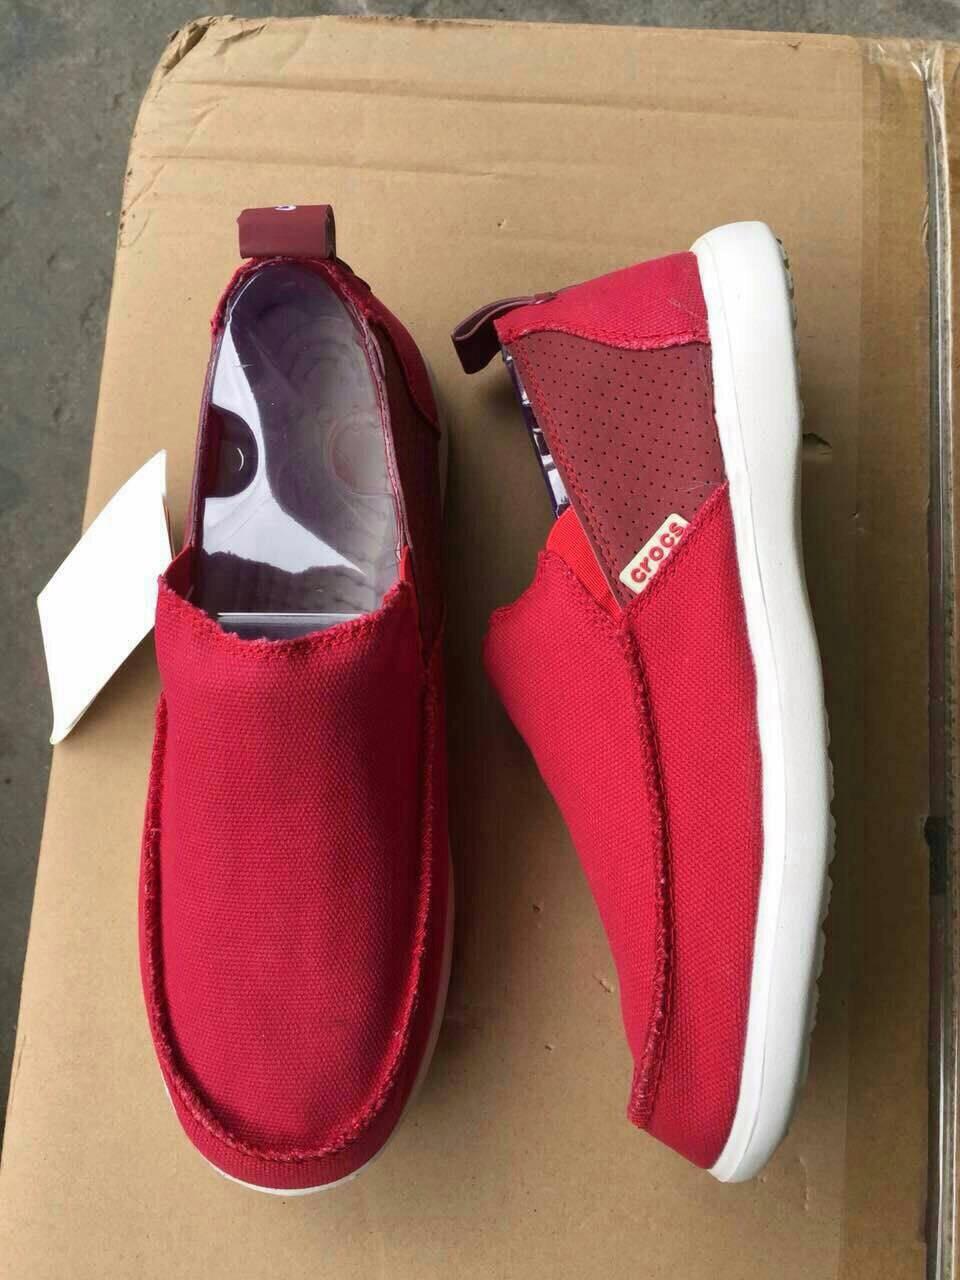 รองเท้า crocs คัทชูชาย รุ่น Men's Crocs Santa Cruz 2 Luxe สีแดงสด